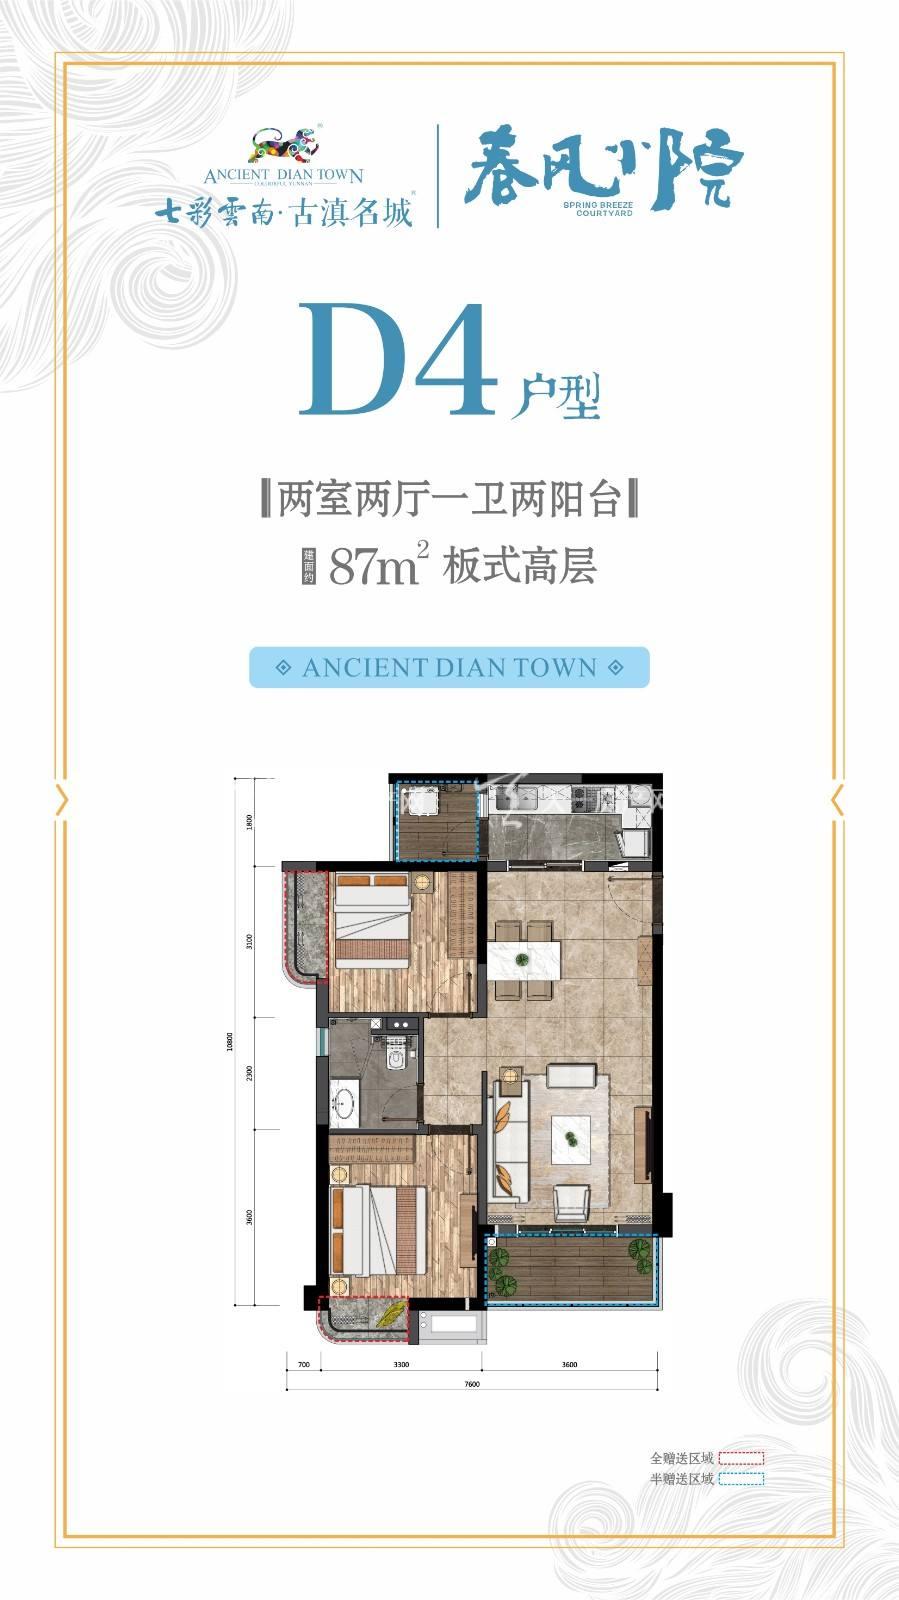 七彩云南古滇名城春风D4户型两室两厅一卫两阳建筑面积:87㎡